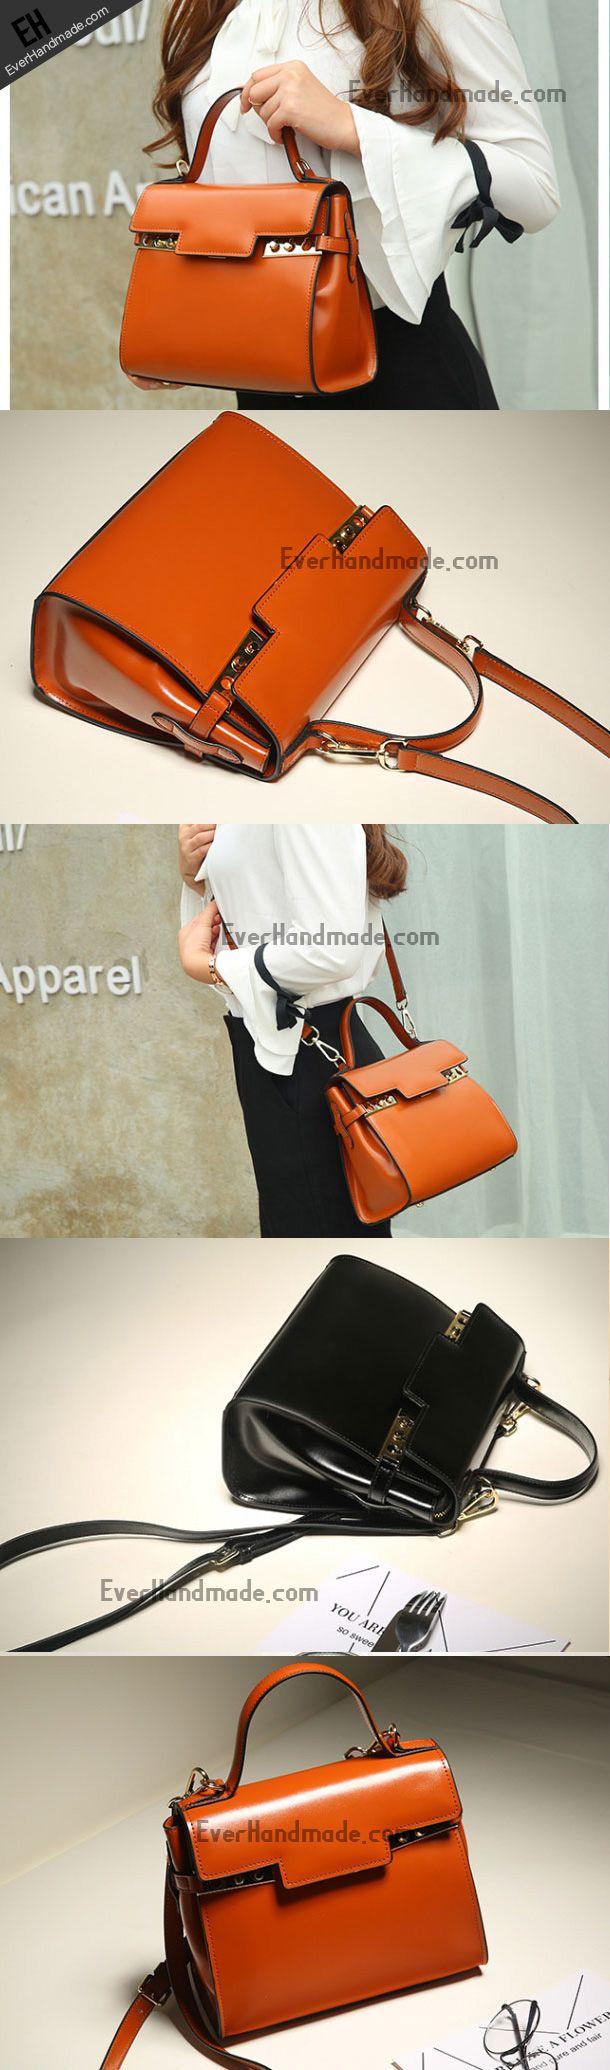 Genuine Leather crossbodybag handbag shoulder bag for women